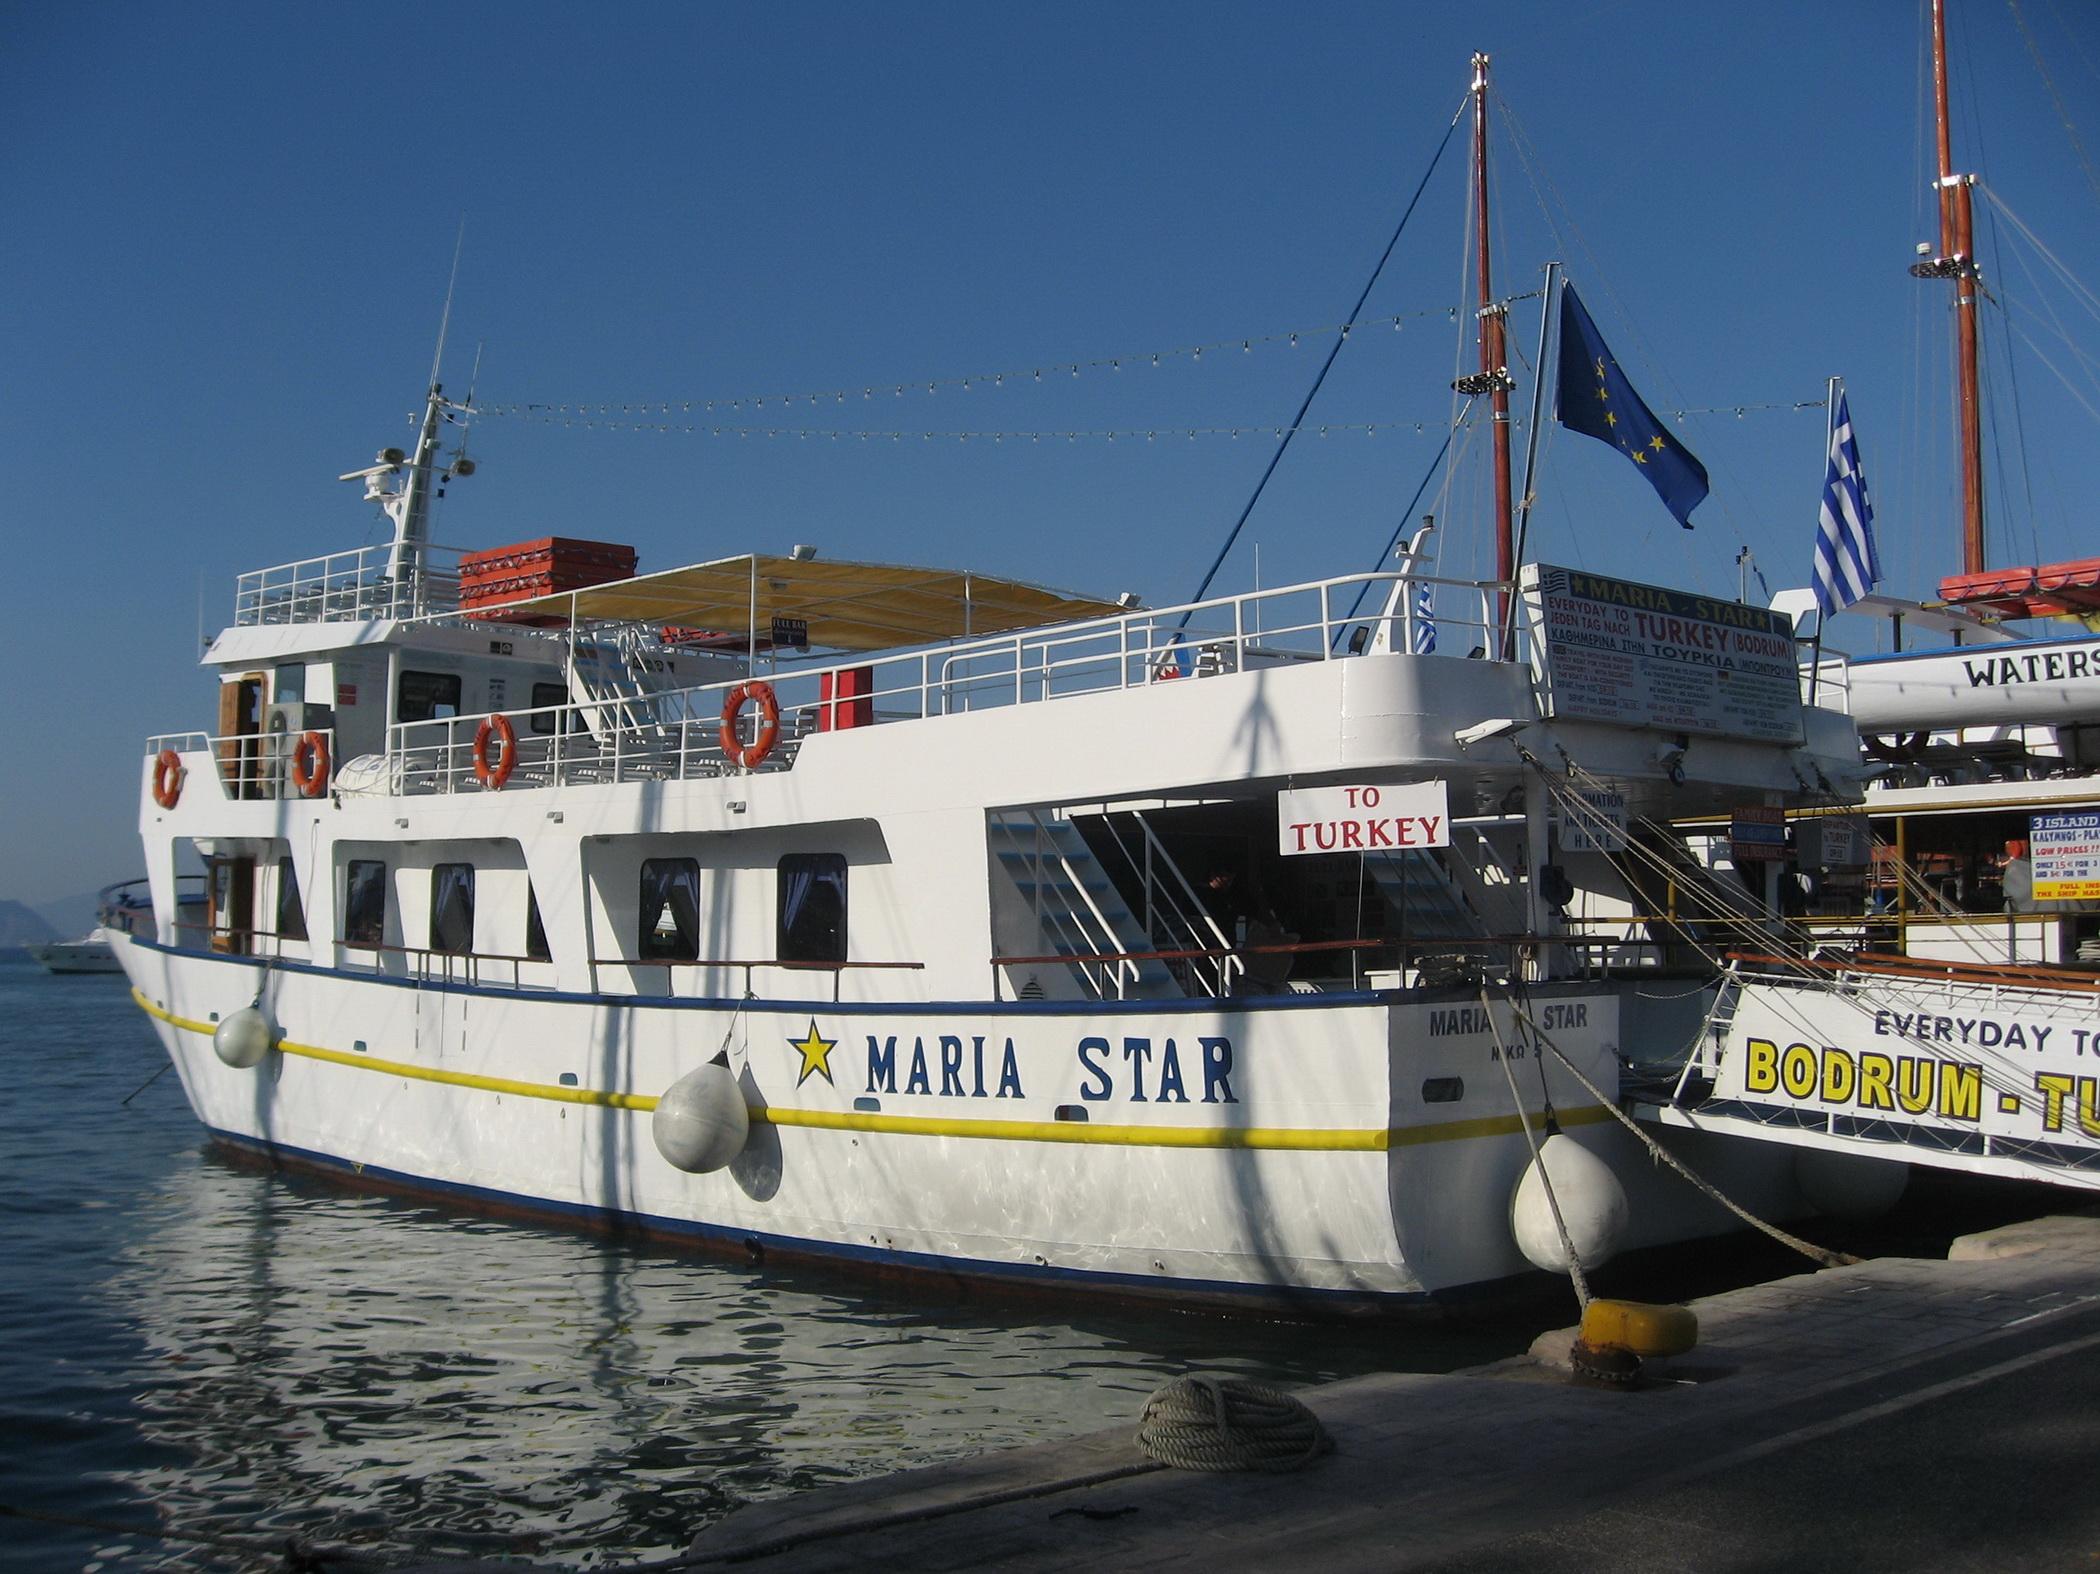 Maria Star